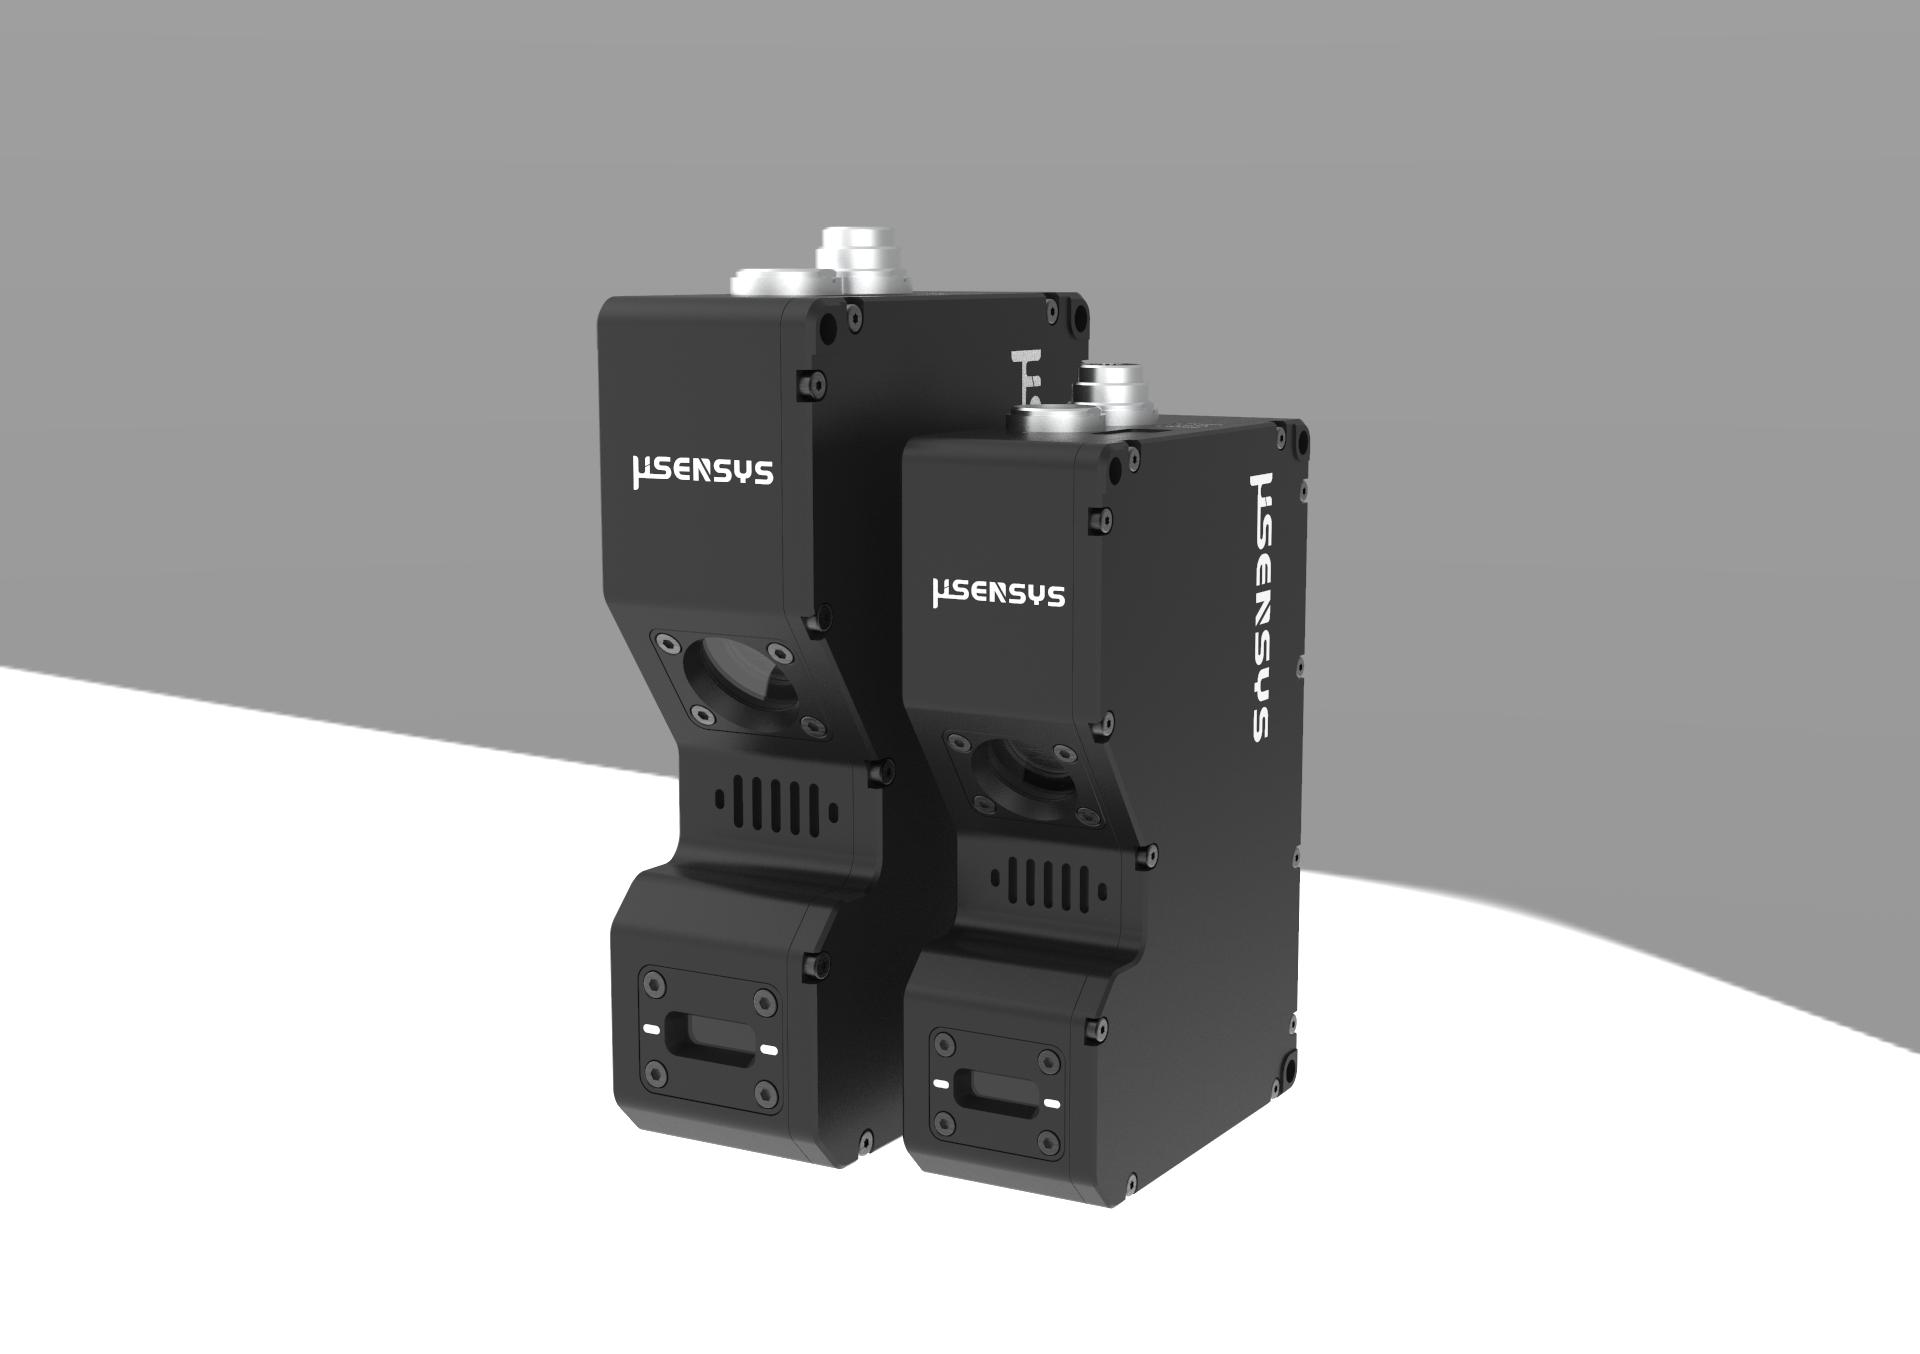 主要應用于工業場景下的3D 測量和控制。